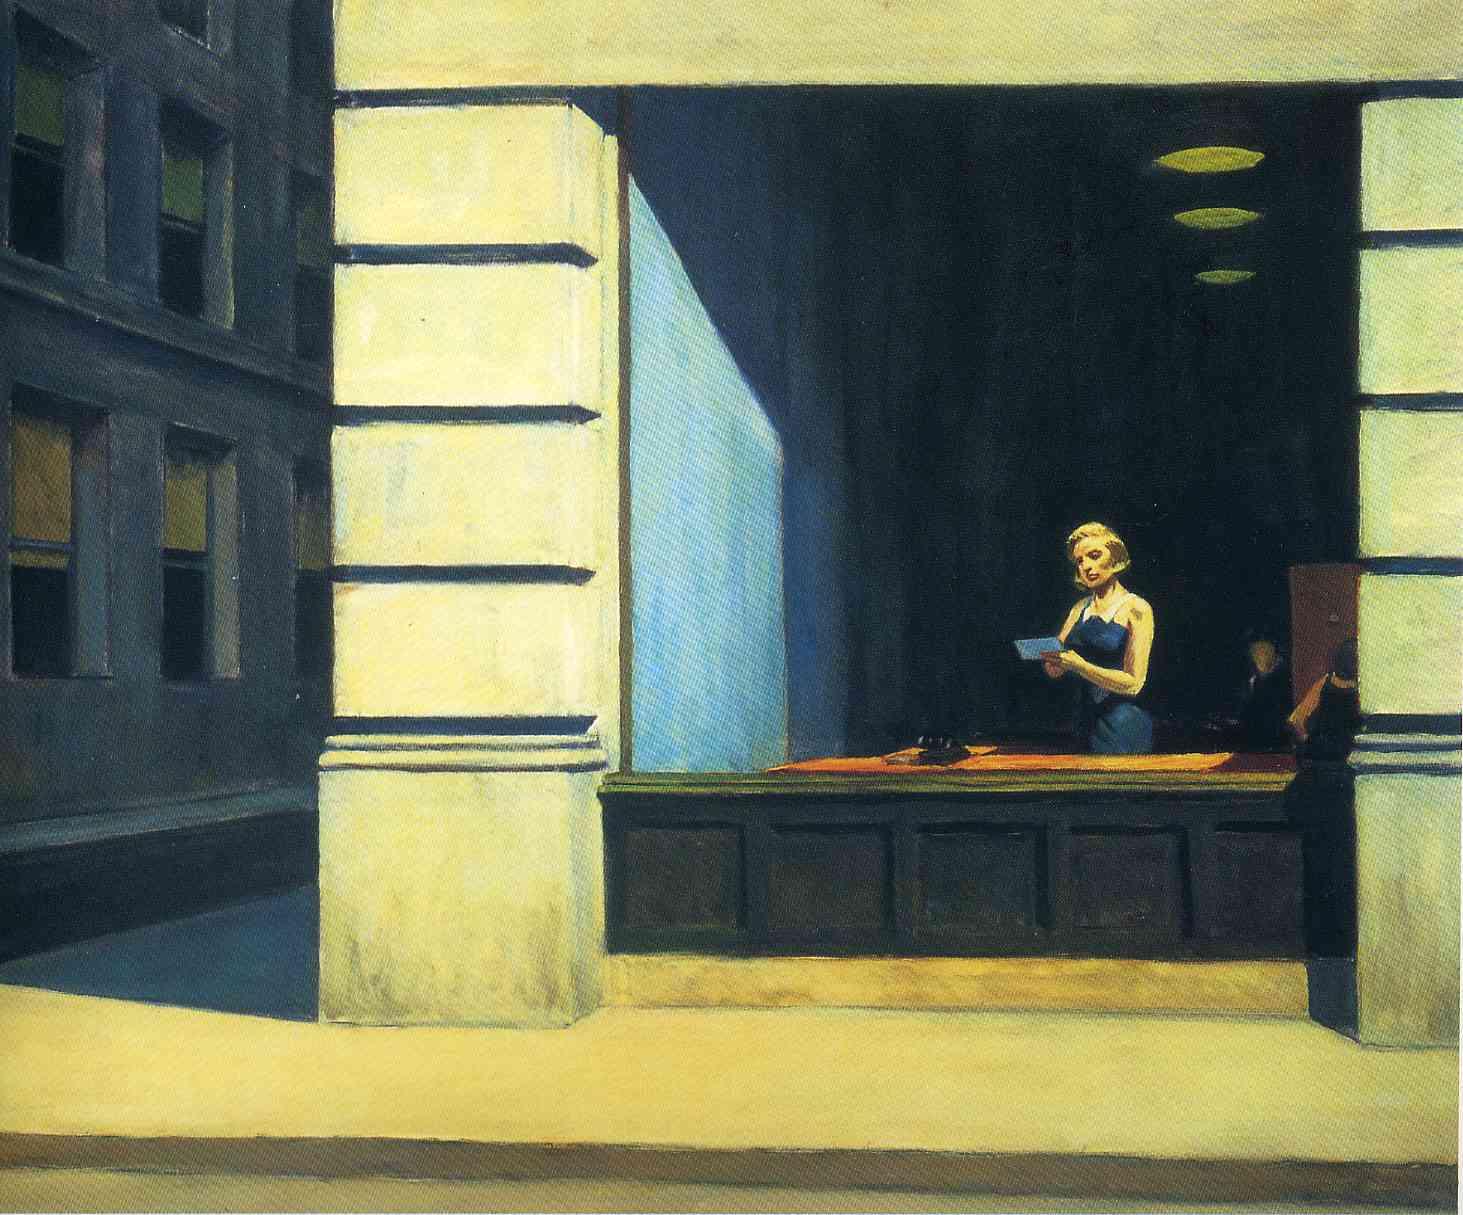 اداره ای در نیویورک ۱۹۶۲ - ادوارد هاپر